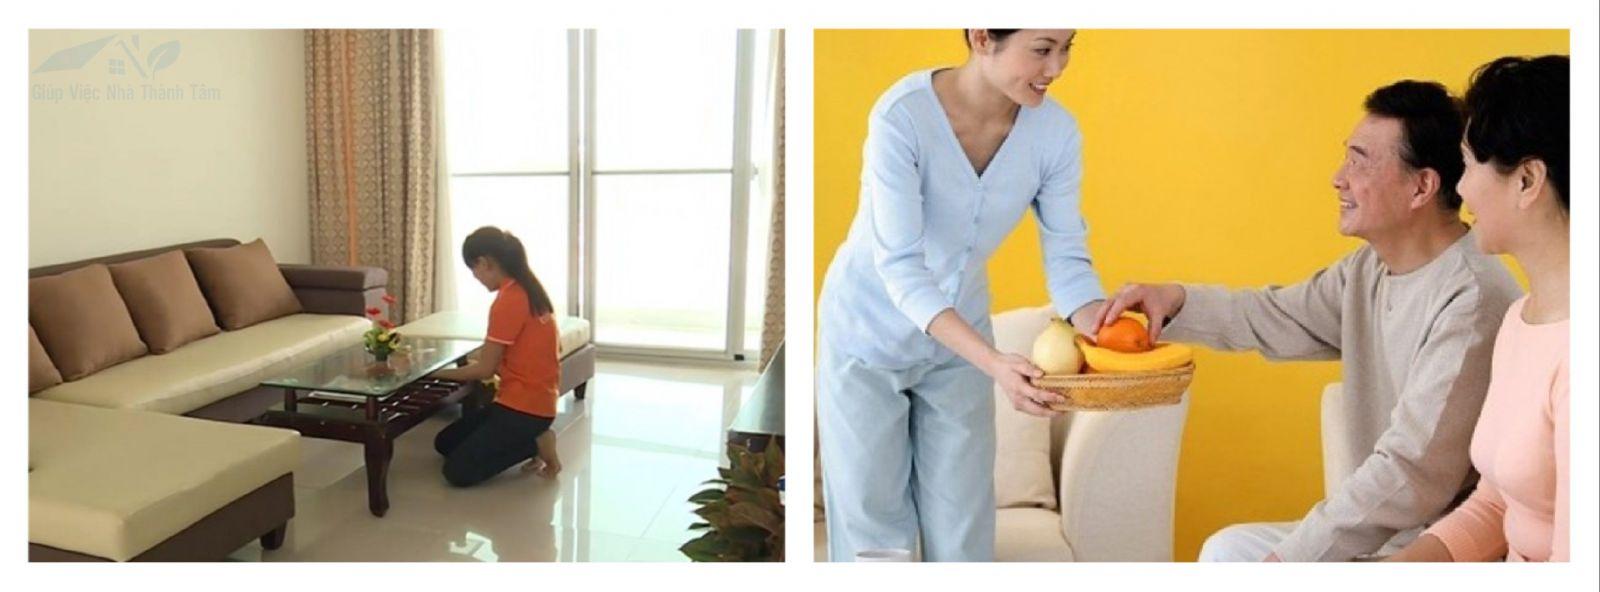 Dịch vụ giúp việc nhà tại quận Bình Tân